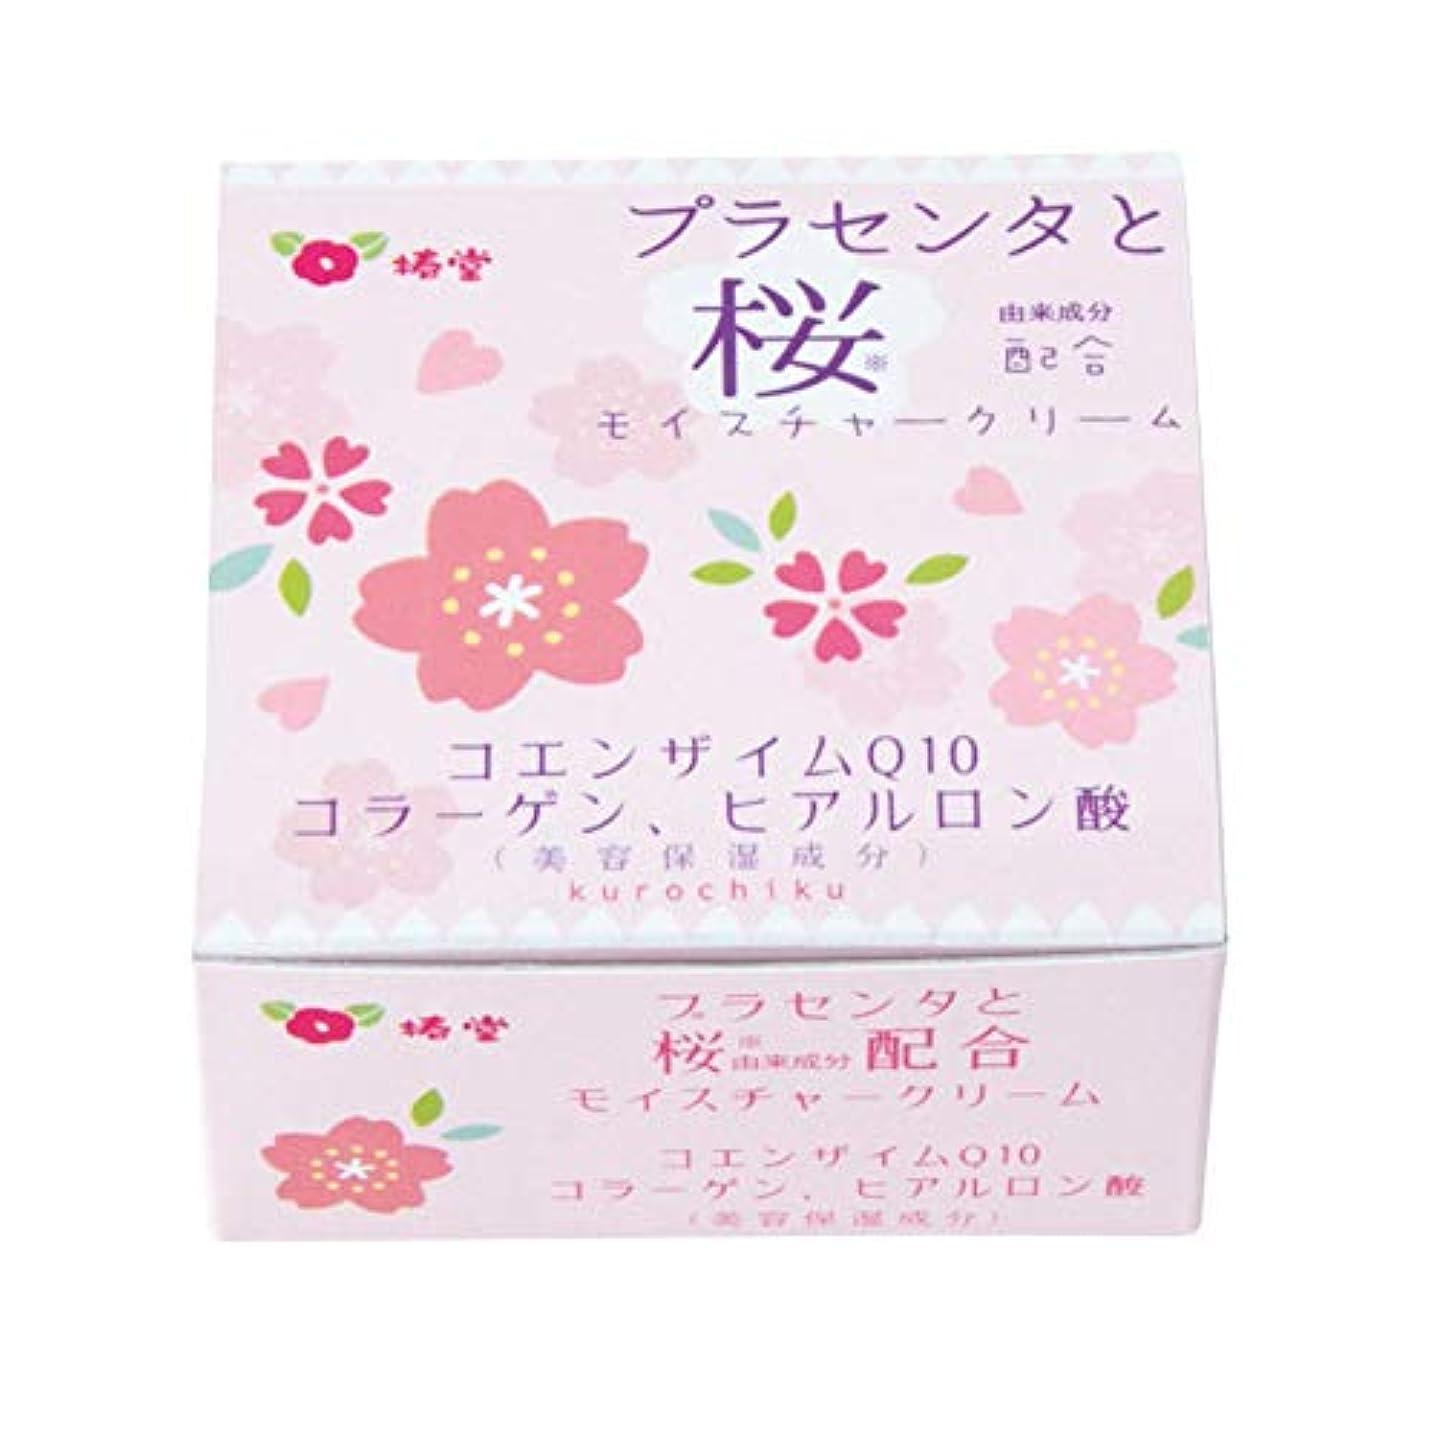 想像力豊かなどこか続ける椿堂 桜モイスチャークリーム (プラセンタと桜) 京都くろちく